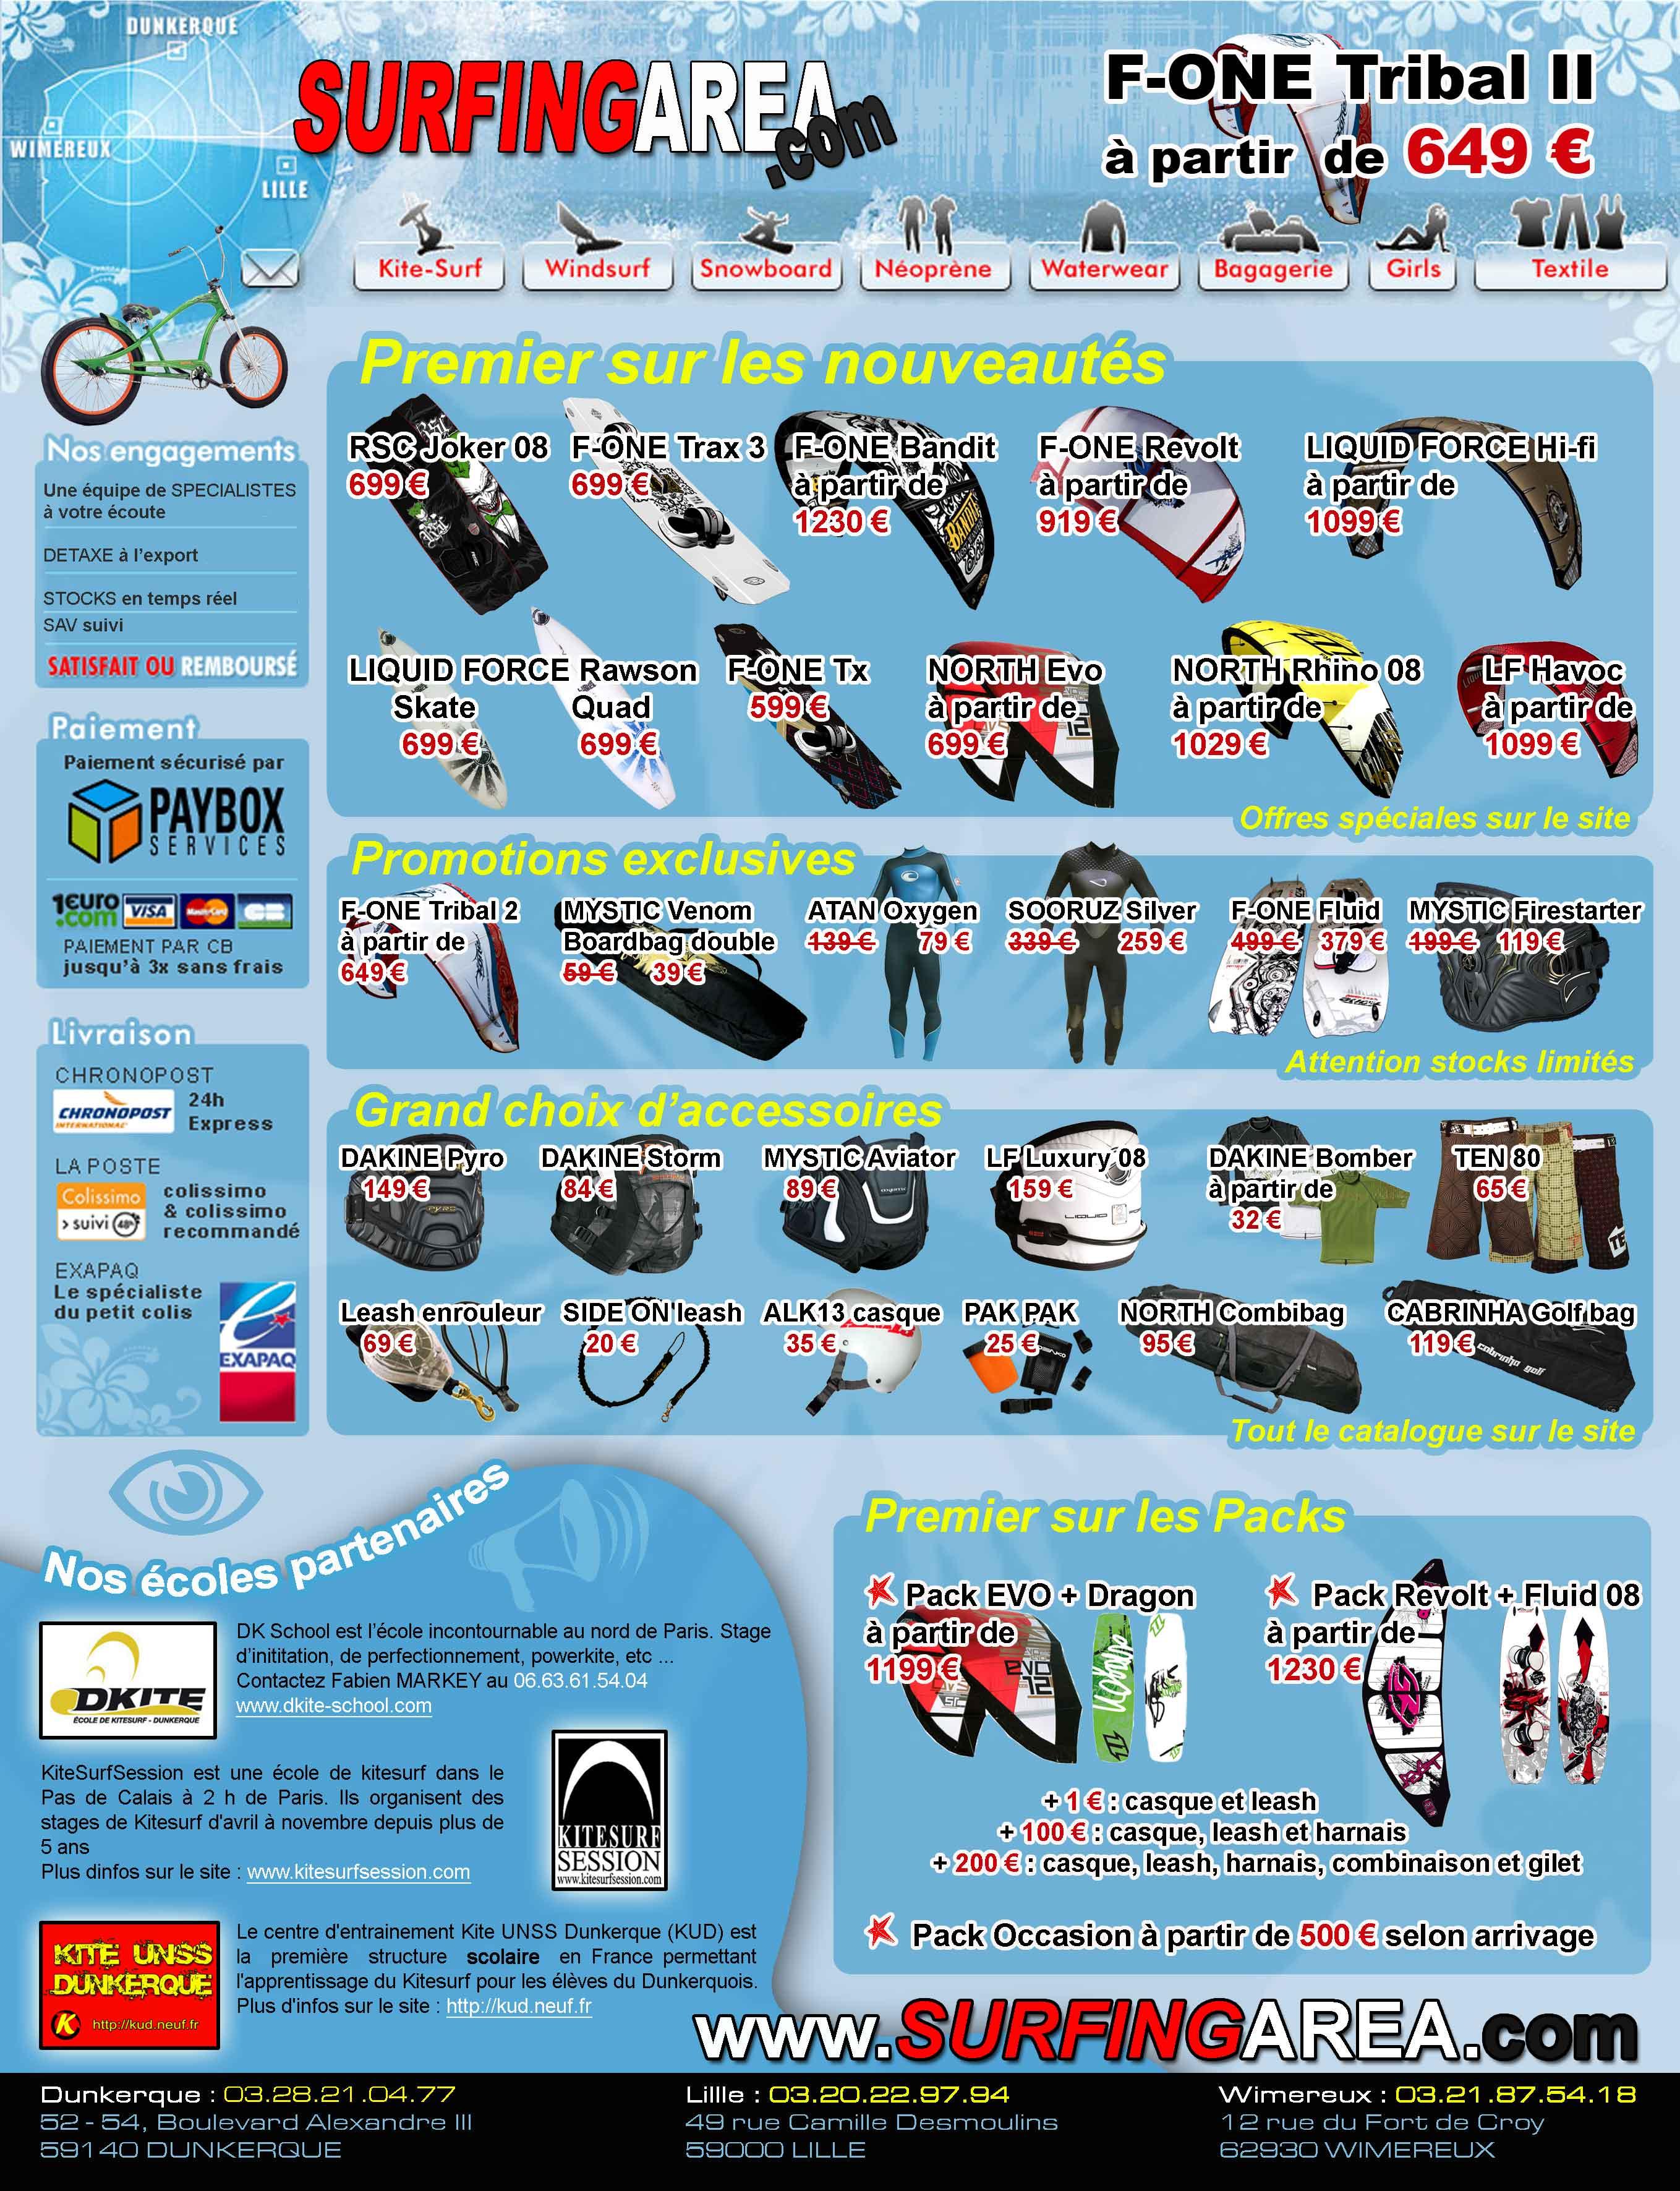 Publicité Surfingarea